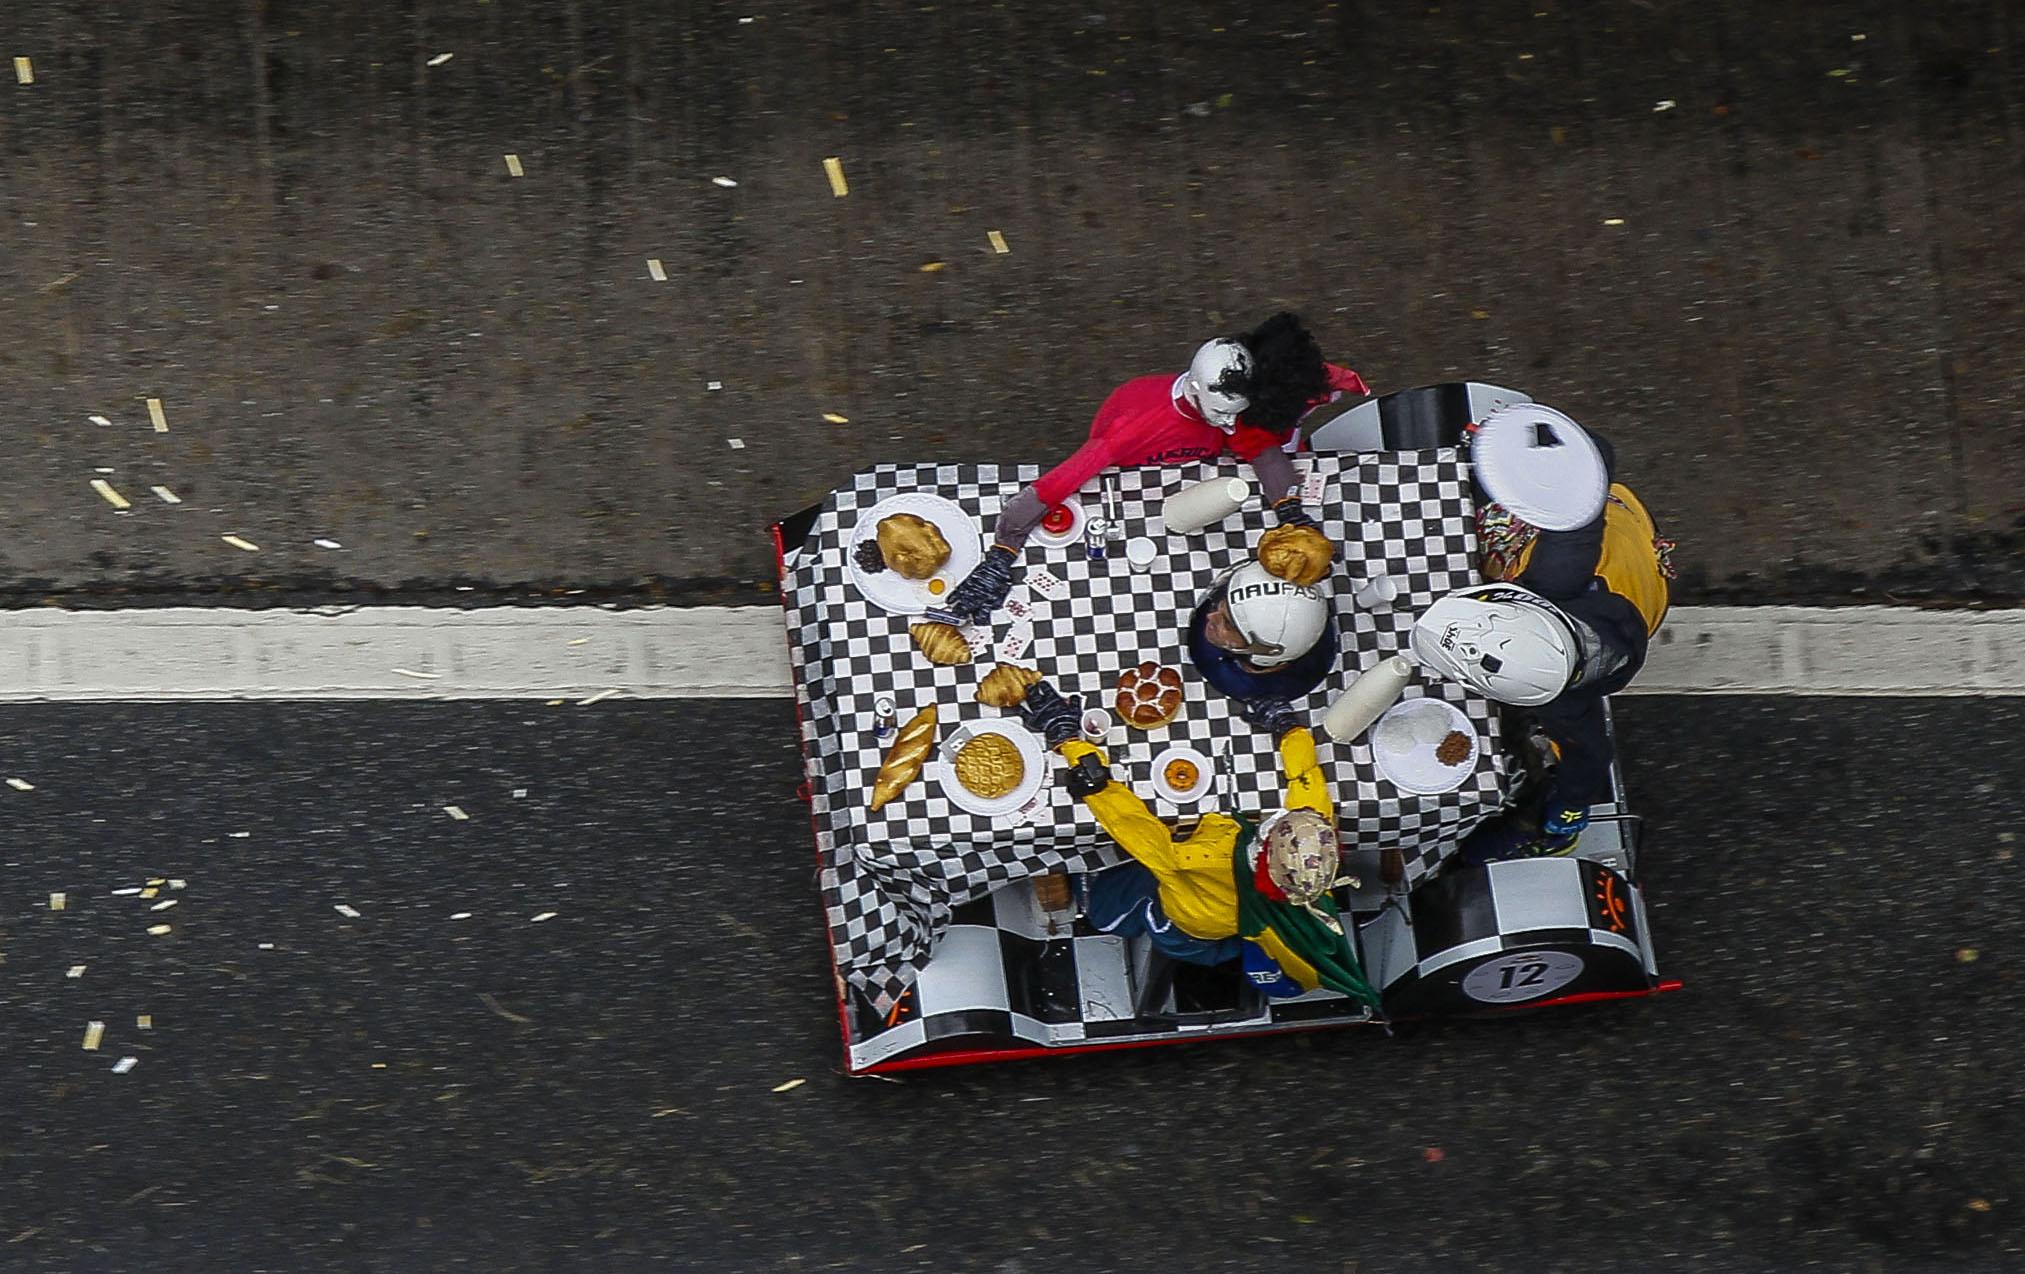 식탁 모양의 차를 탄 참가자들이 14일(현지시간) 브라질 상파울루에서 열린 '레드불 소프박스 레이스'에서 질주하고 있다. [AP=연합뉴스]